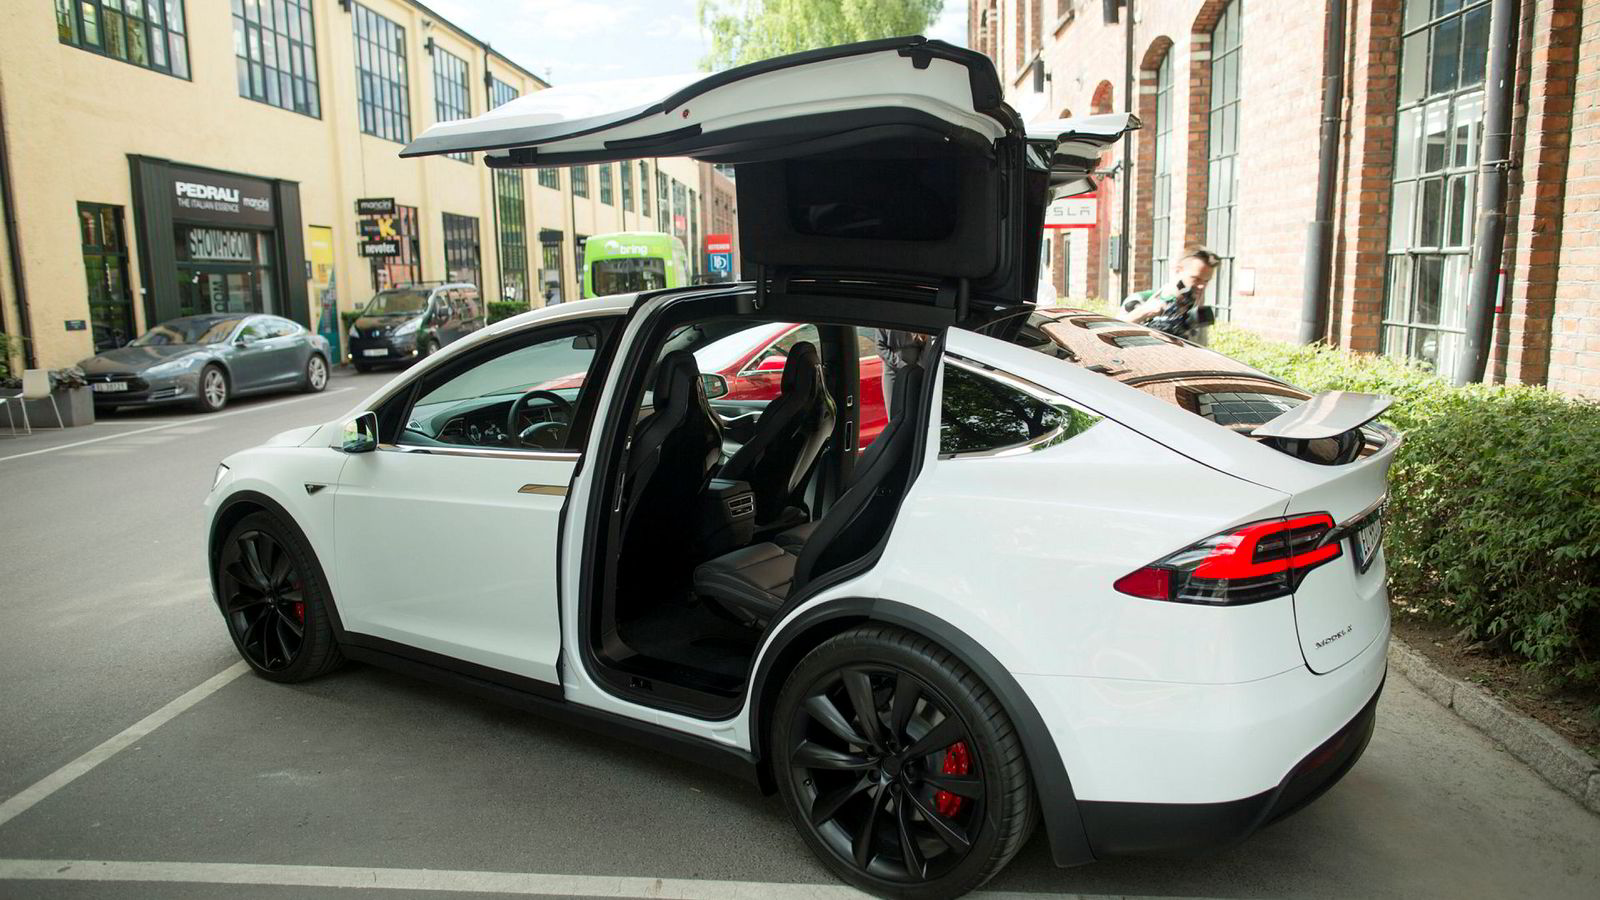 I USA har det allerede skjedd dødsulykker der sjåføren har brukt Teslas «autopilot», skriver artikkelforfatteren.